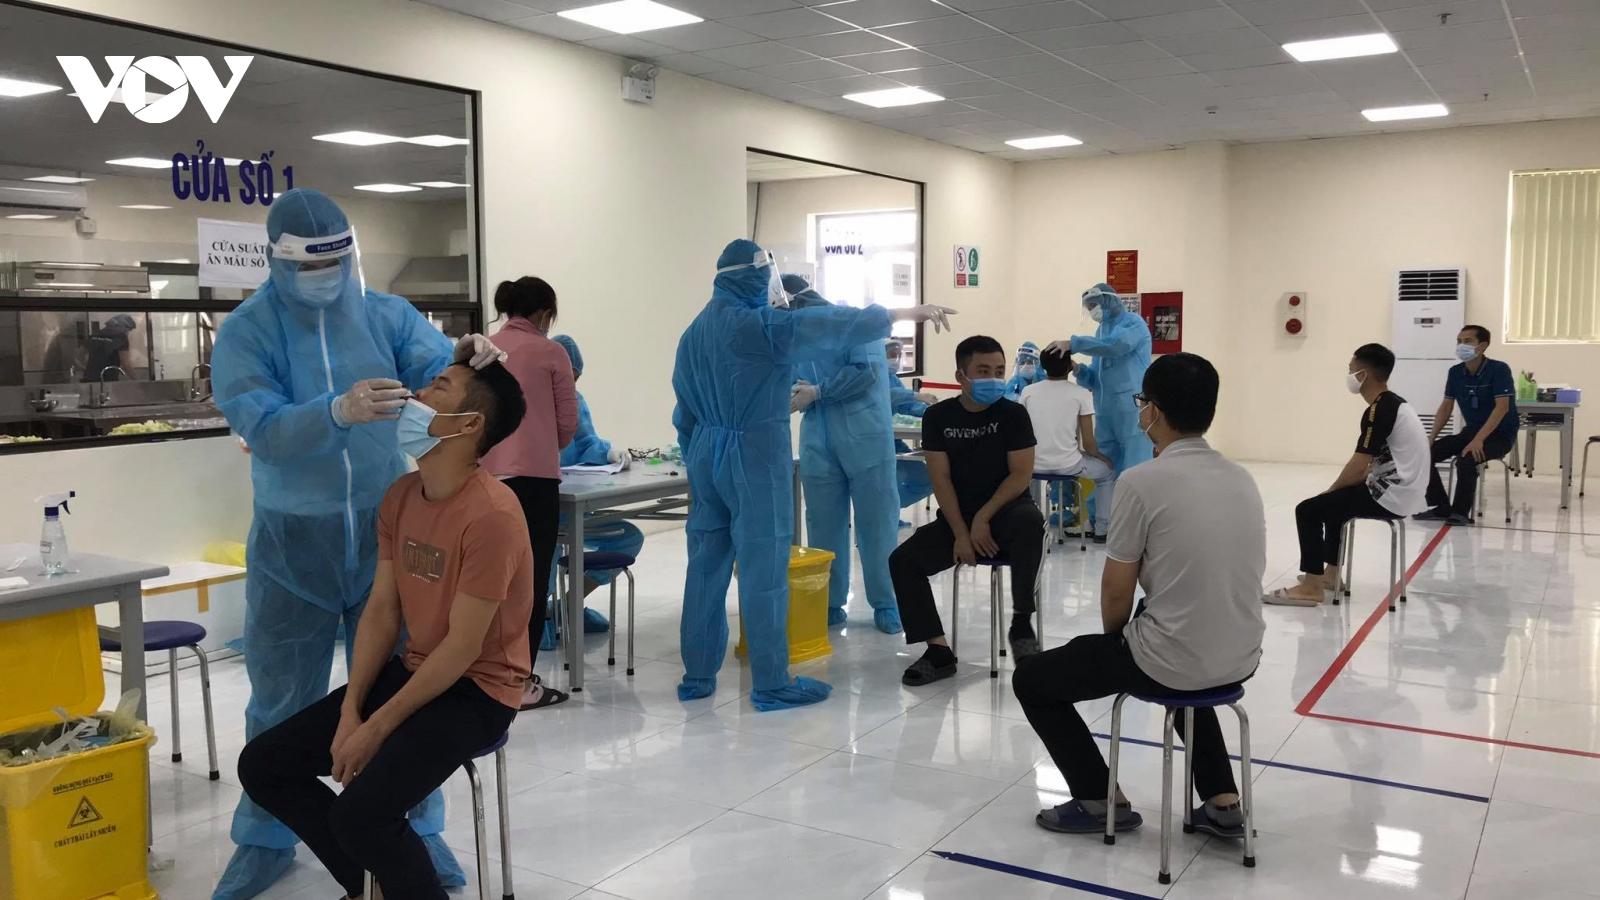 Thêm 1 khu công nghiệp ở Bắc Giang có ca dương tính với SARS-CoV-2